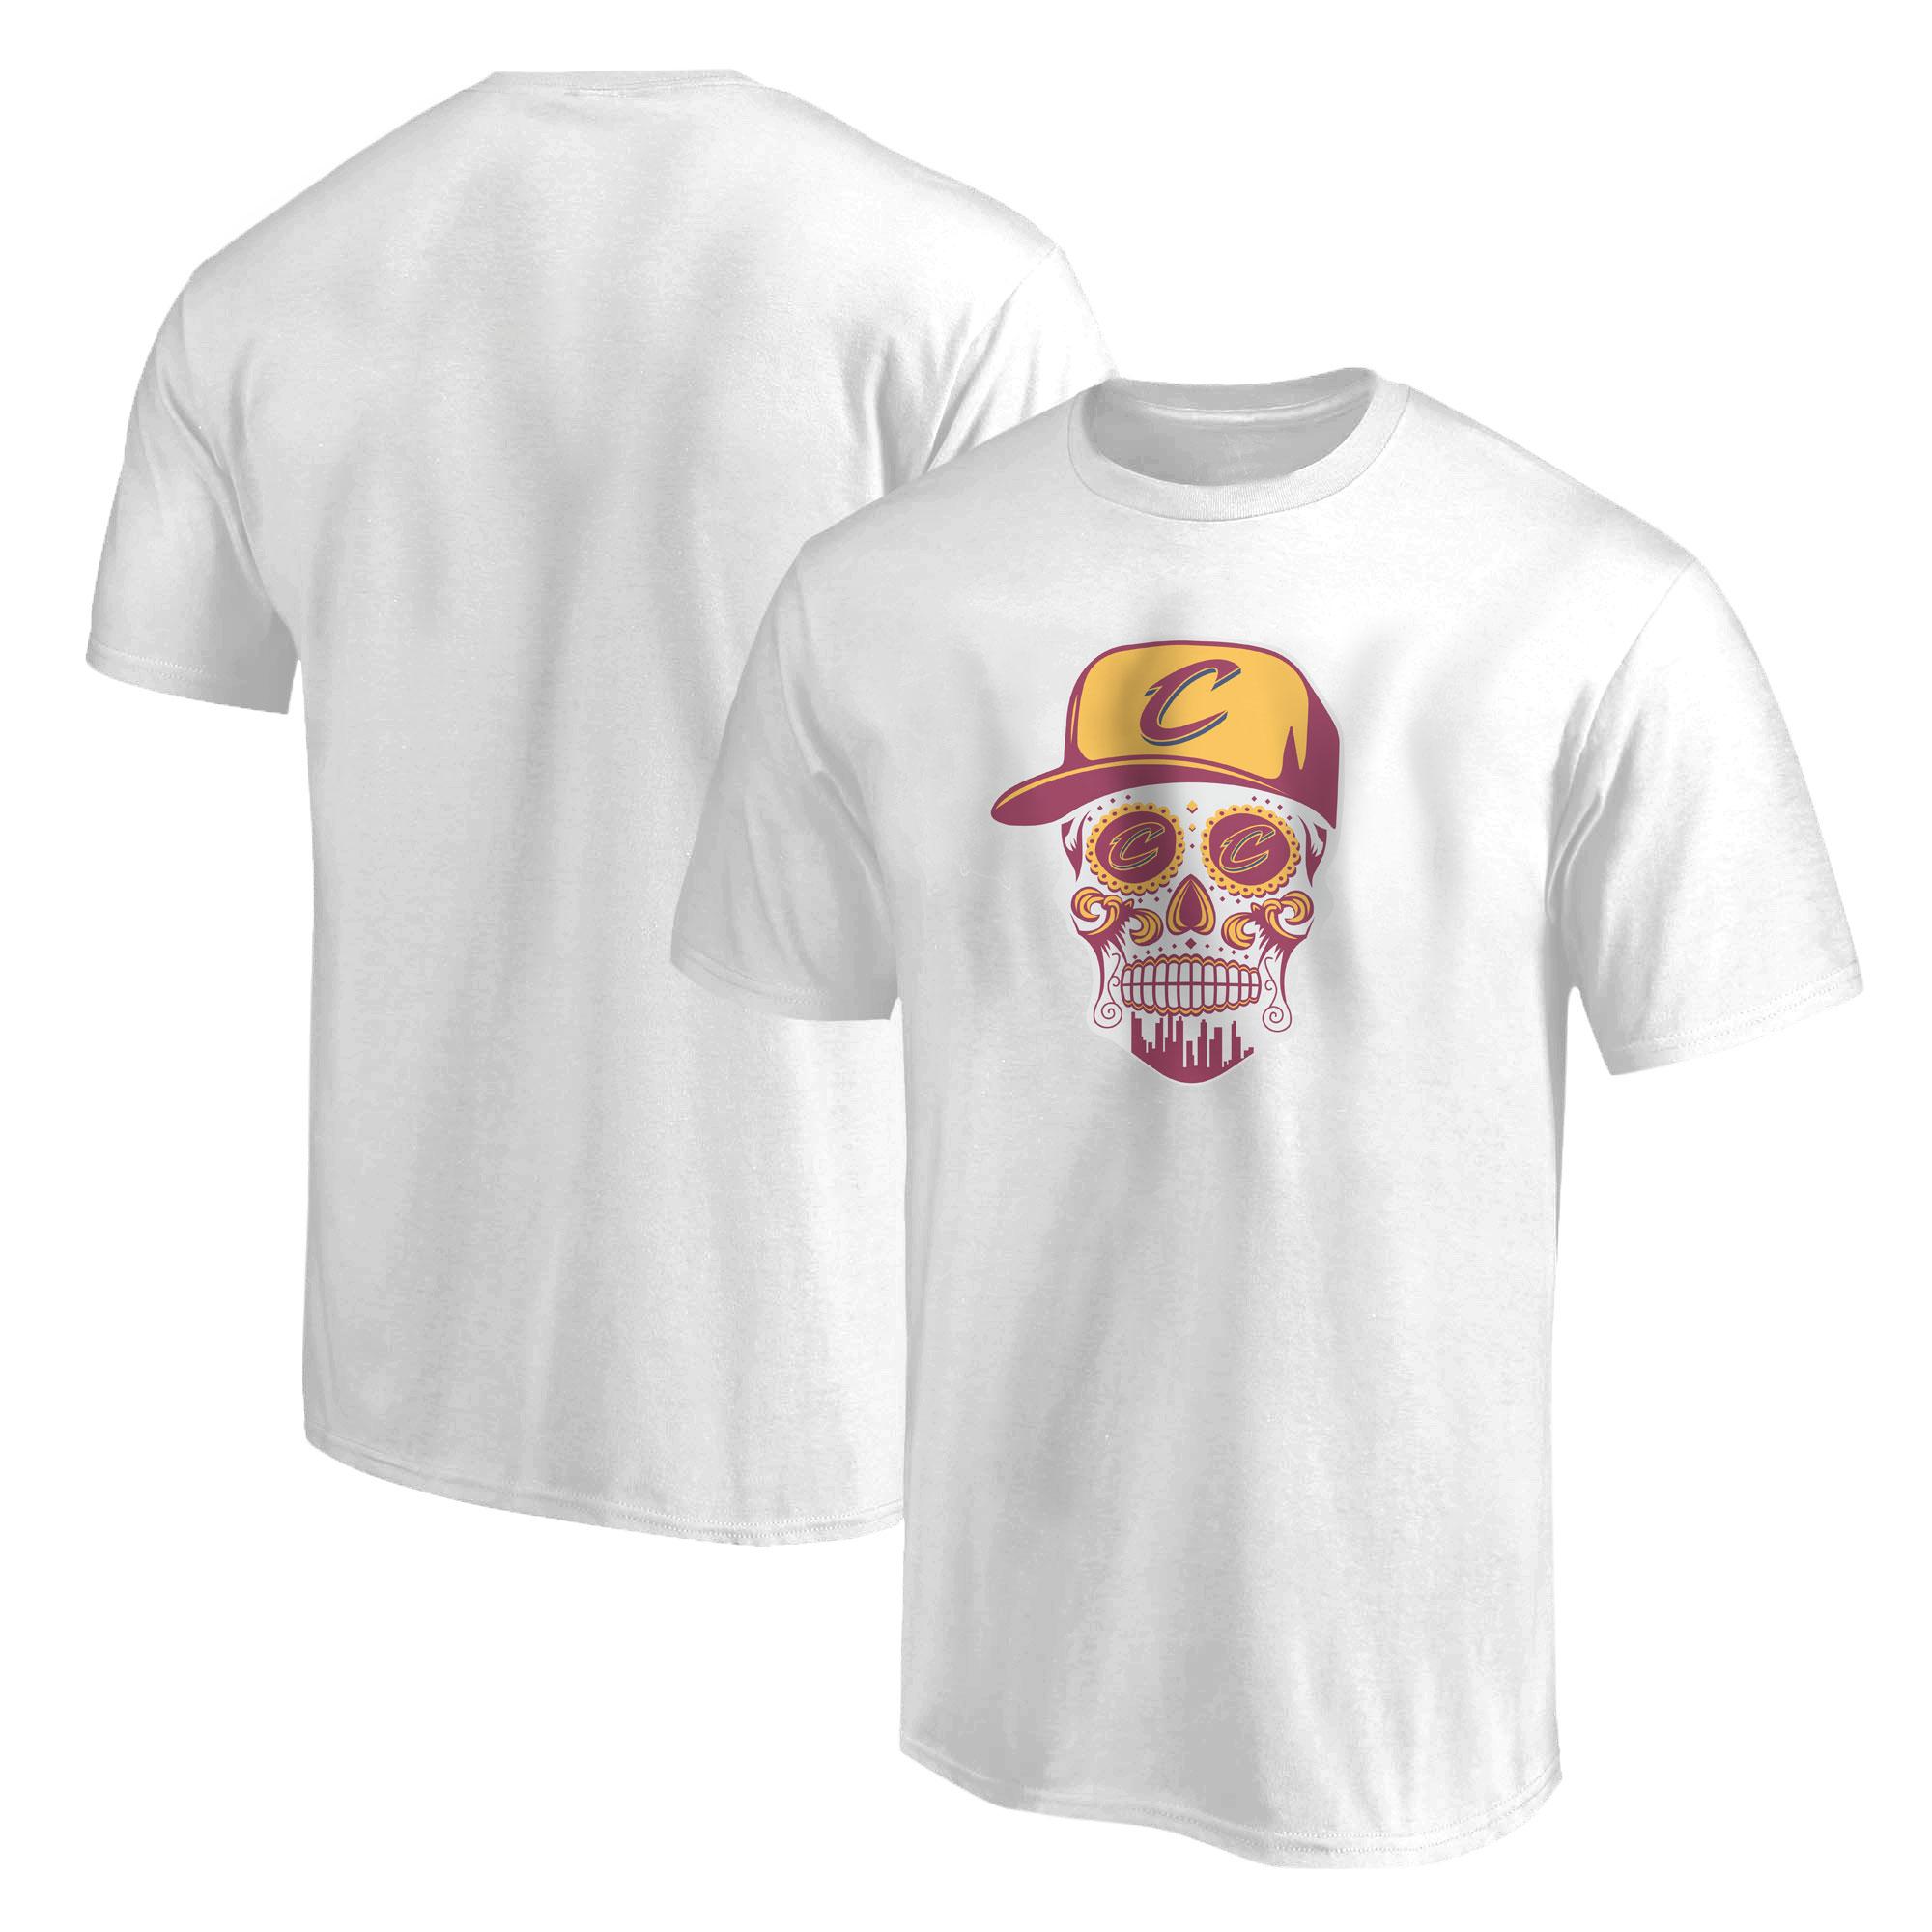 Cleveland Skull Tshirt (TSH-WHT-NP-449-NBA-CLE-SKULL)